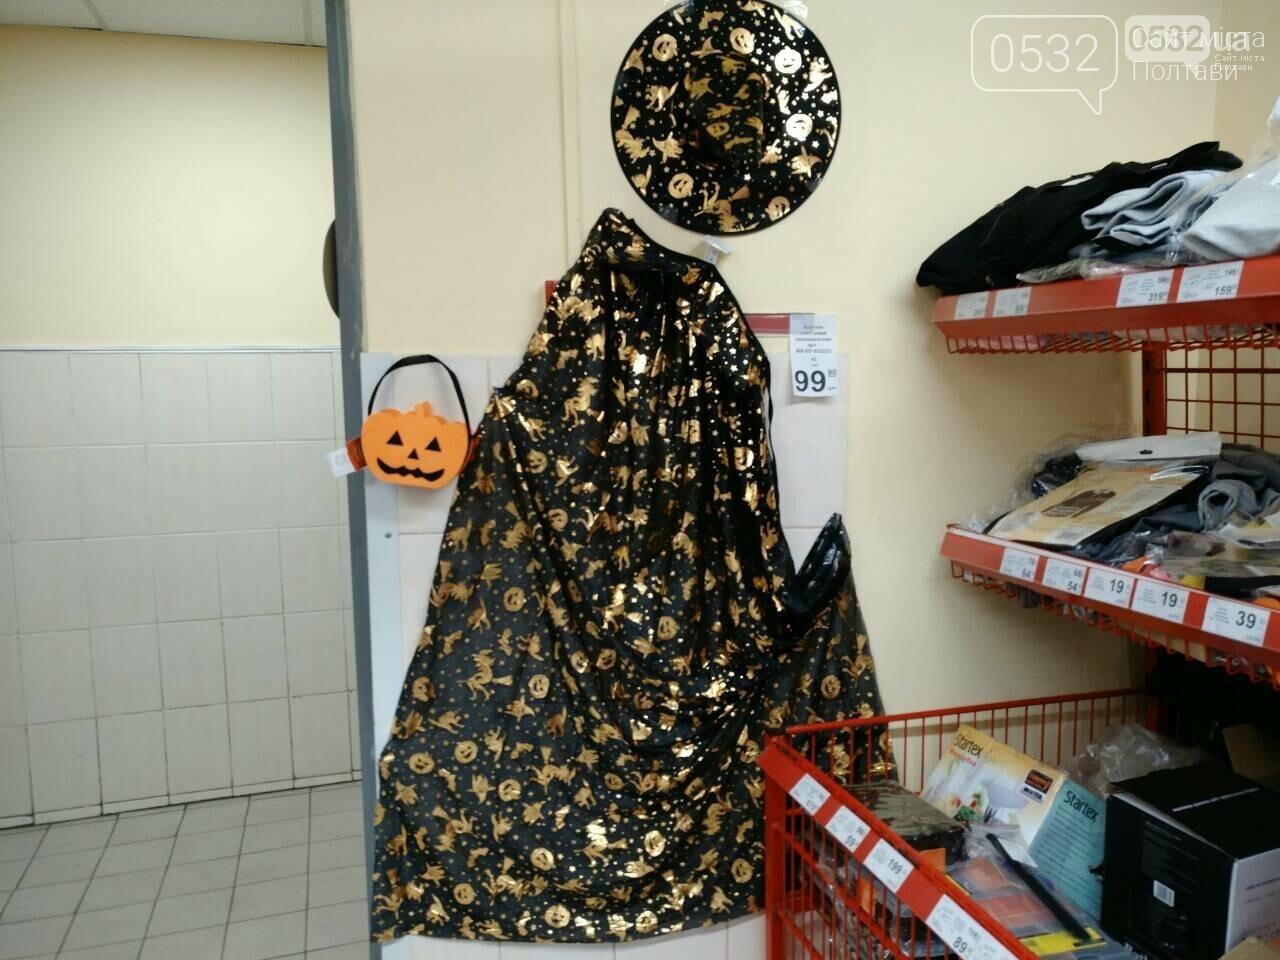 Сьогодні Хелловін — свято монстрів, гарбузів і веселих вечірок., фото-4